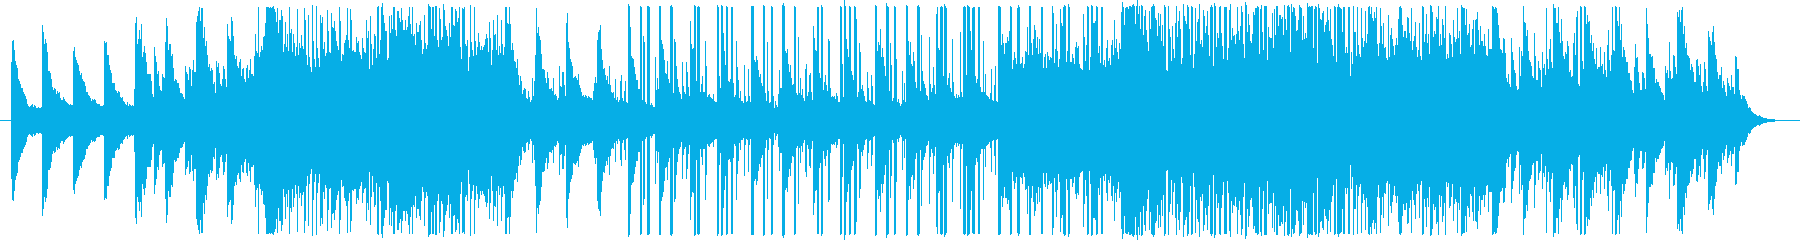 EDMで暖かい曲の再生済みの波形